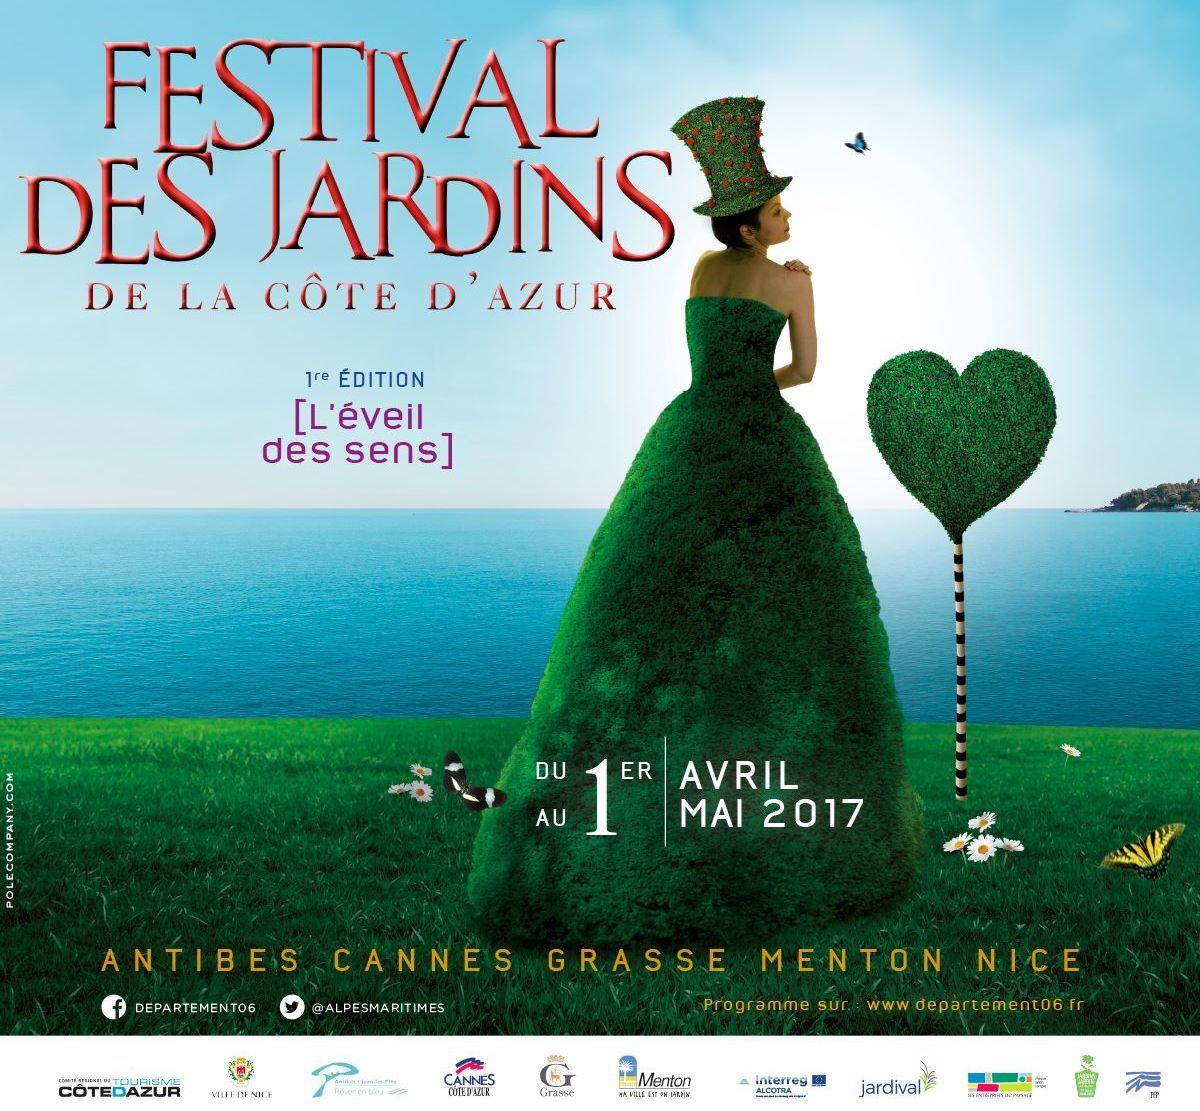 festival-des-jardins-de-la-cote-d-azur-riviera-cote-d-azur